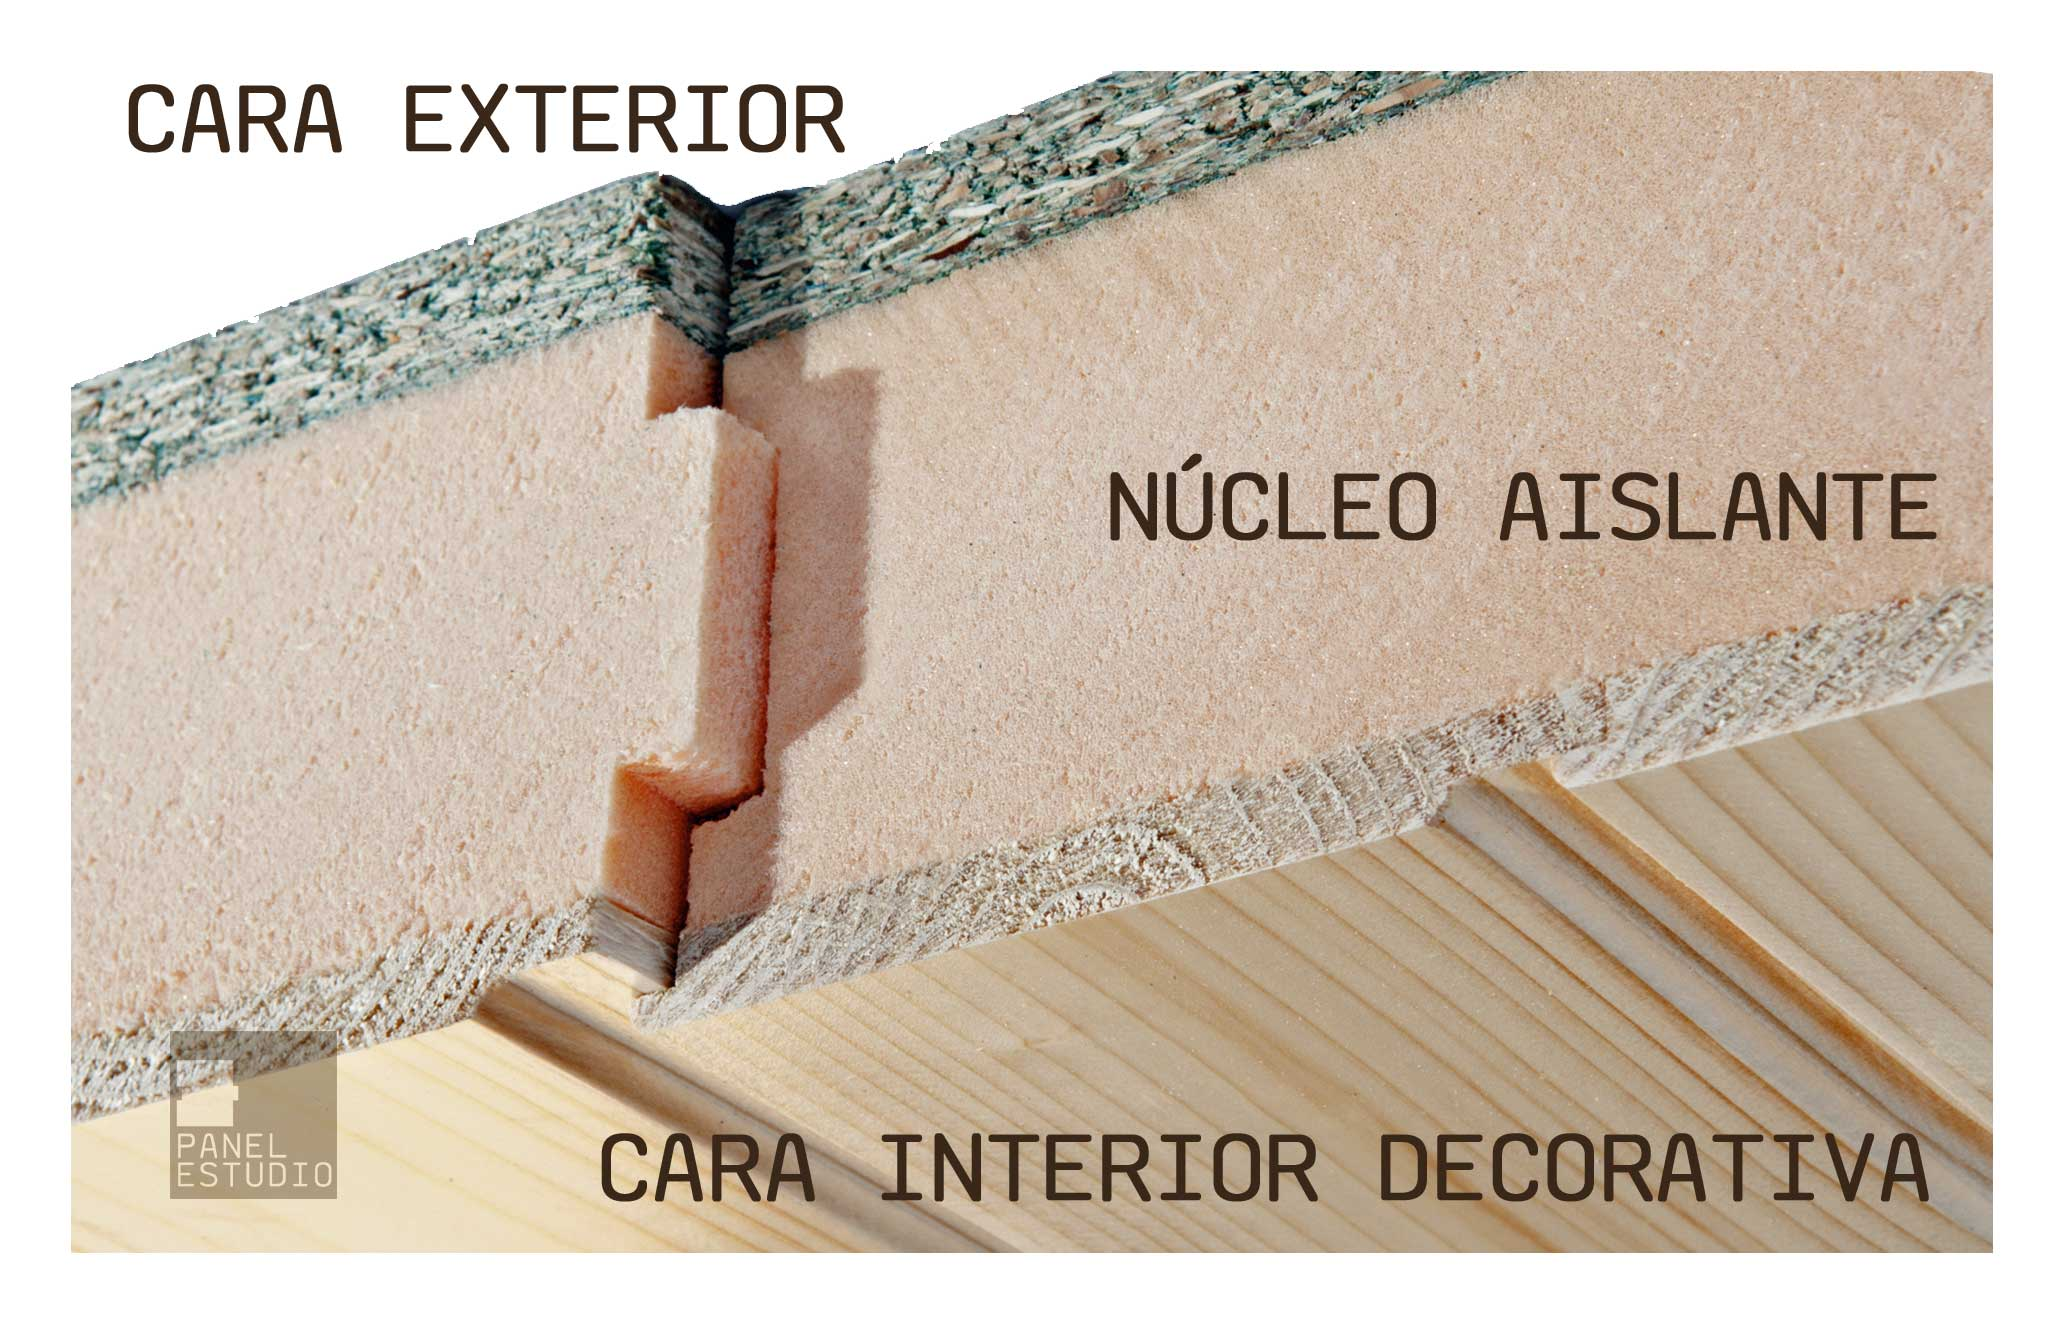 Panelestudio panel de madera aislante para cubiertas for Tejados de madera para exterior